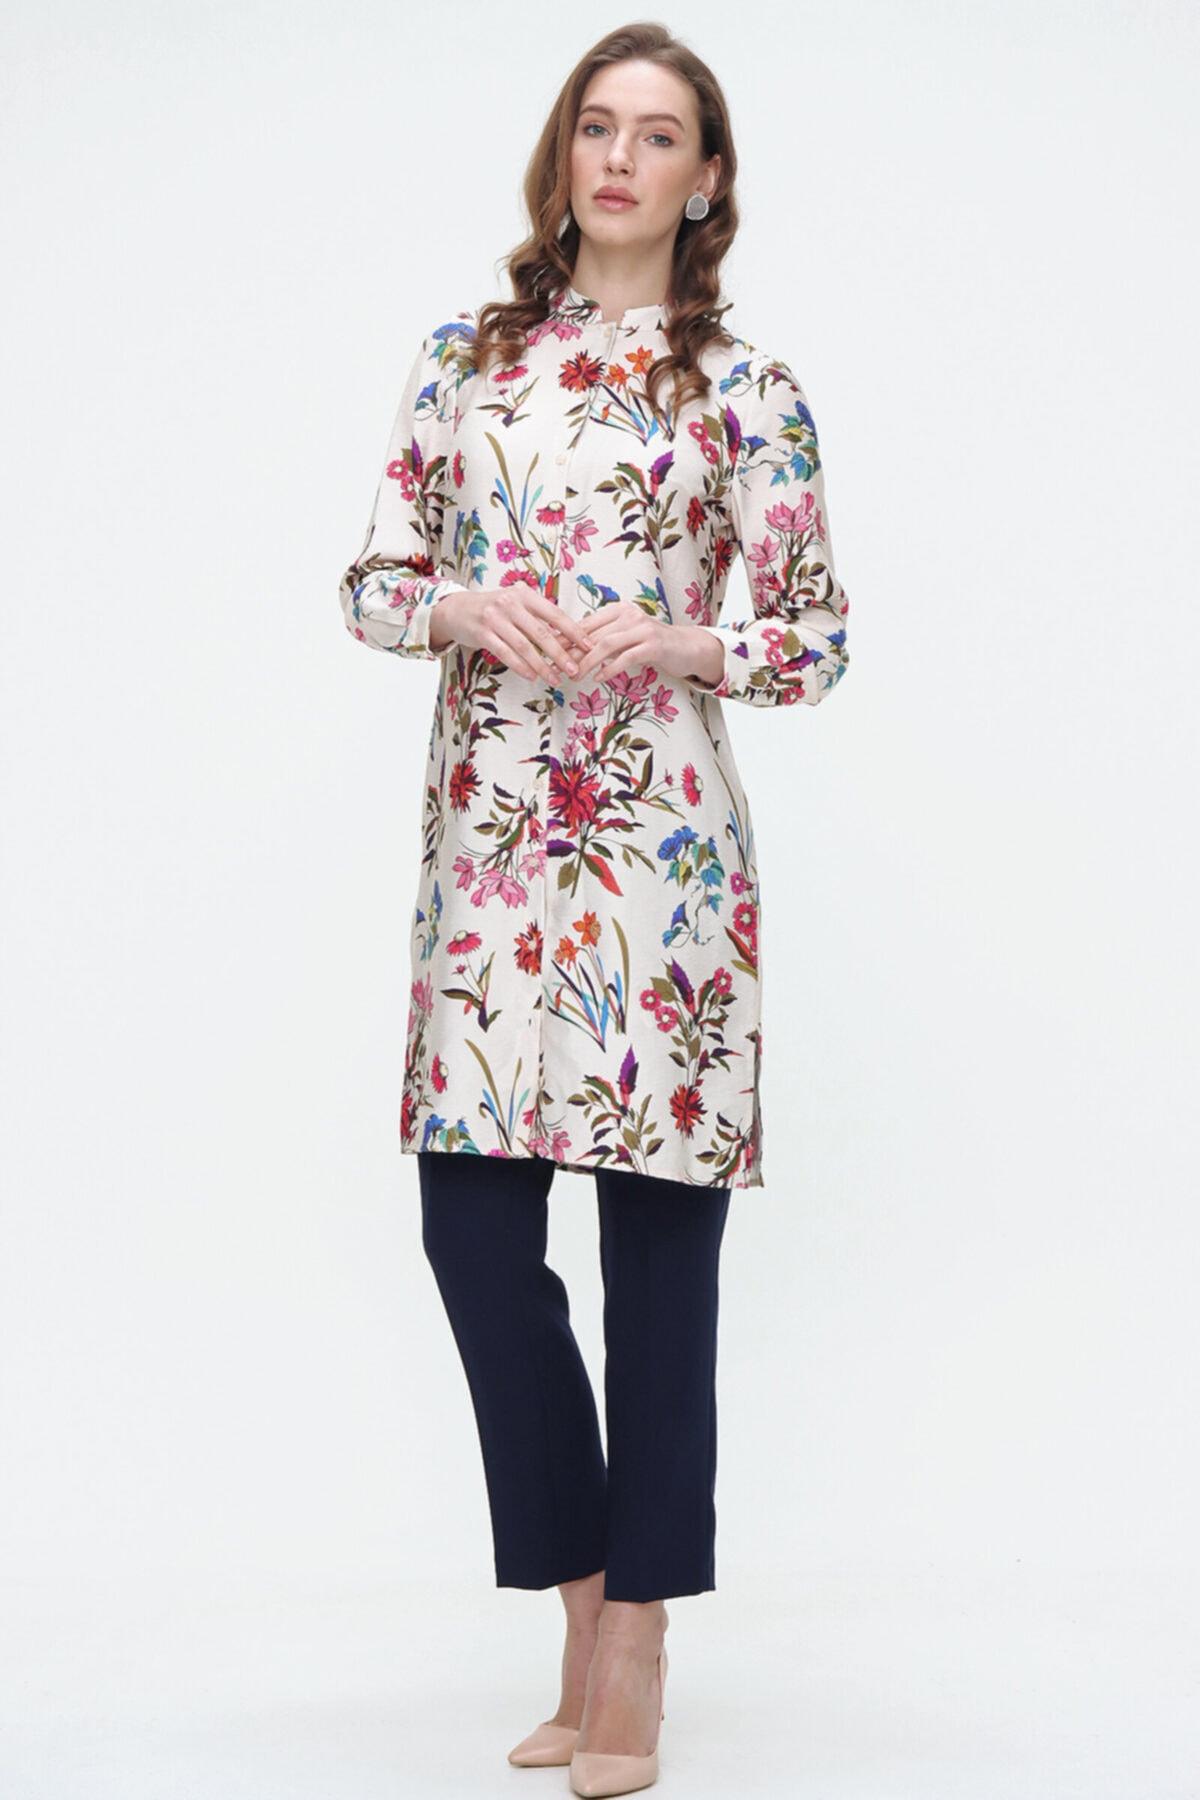 Aker Kadın Yeşil Çiçek Desenli Uzun Kol Tunik 155002020 1